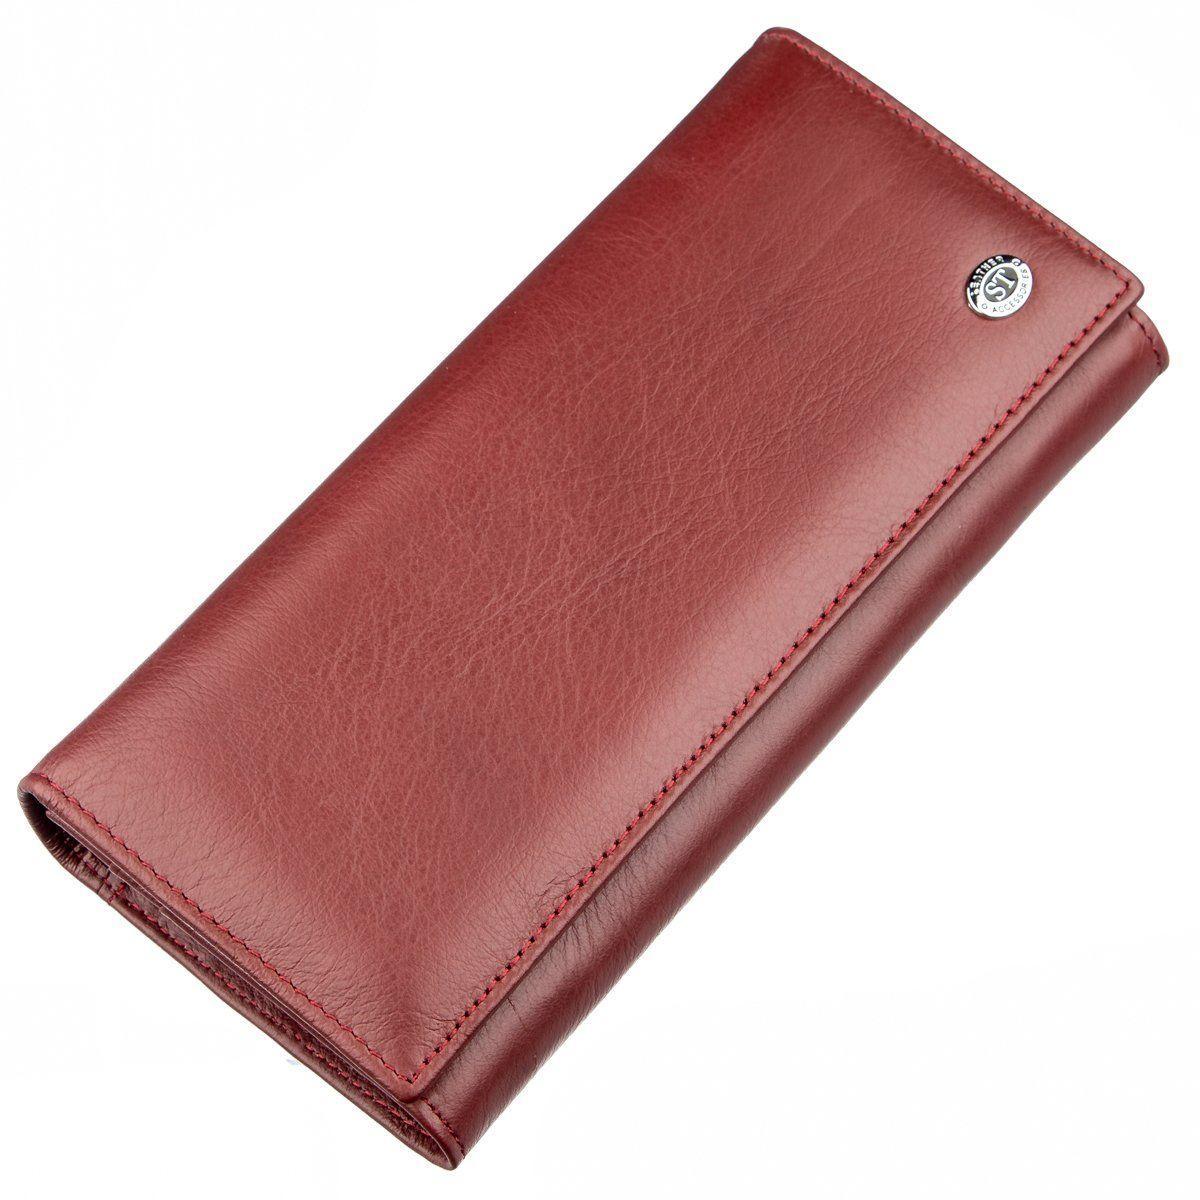 Вместительный женский кошелек ST Leather 18877 Темно-красный, Темно-красный